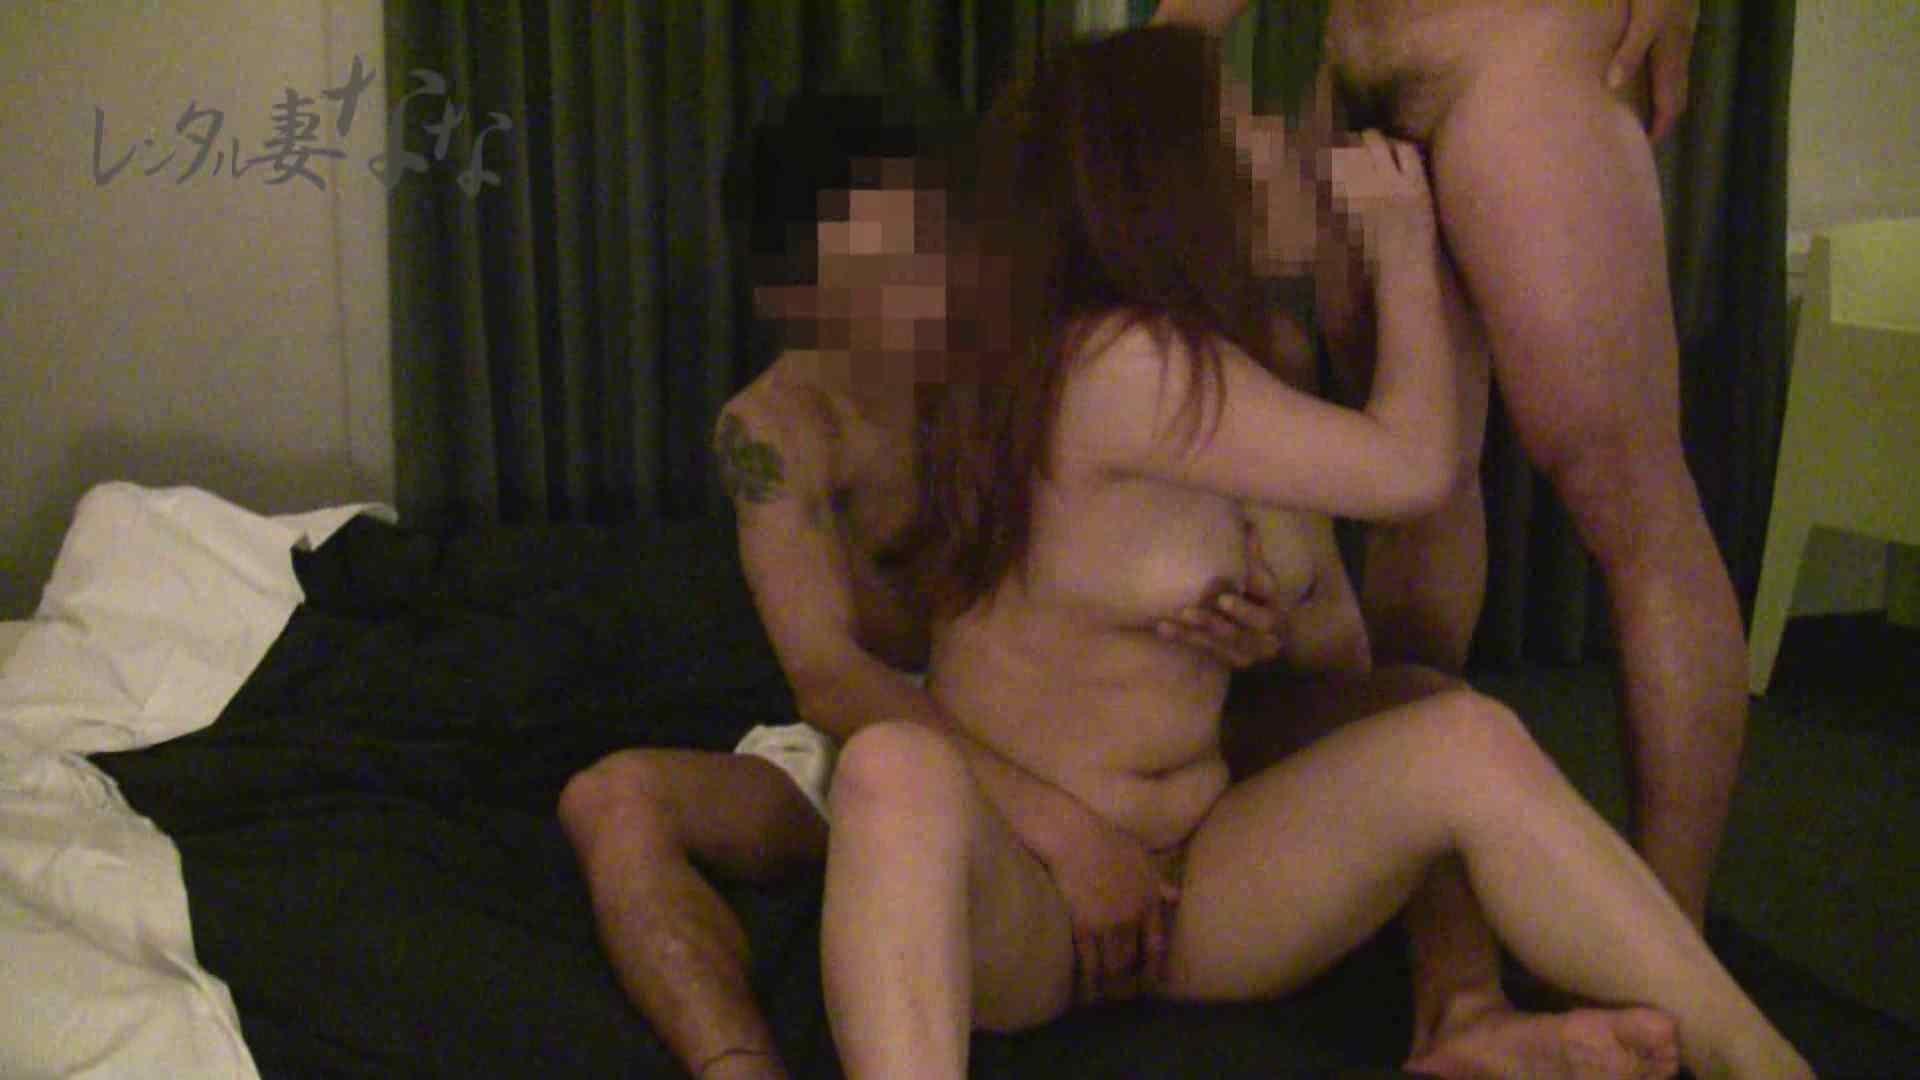 レンタル妻ななのお友達vol.2 ギャル達のセックス | OL裸体  54画像 13